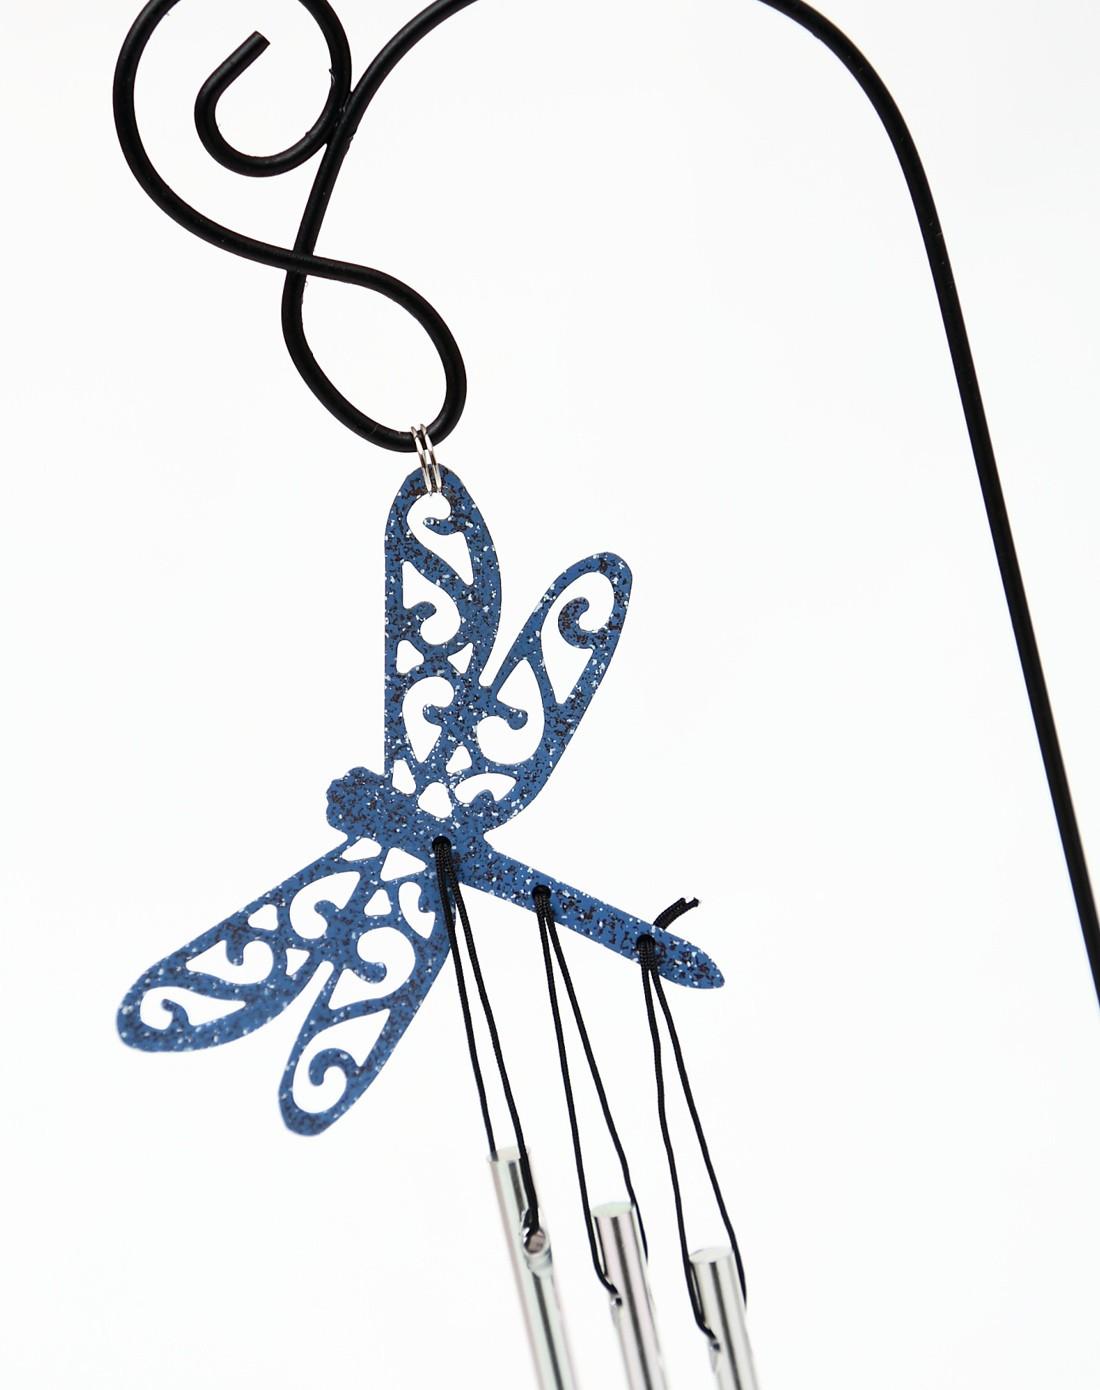 金属喷绘盆栽花插剪影风铃-蜻蜓